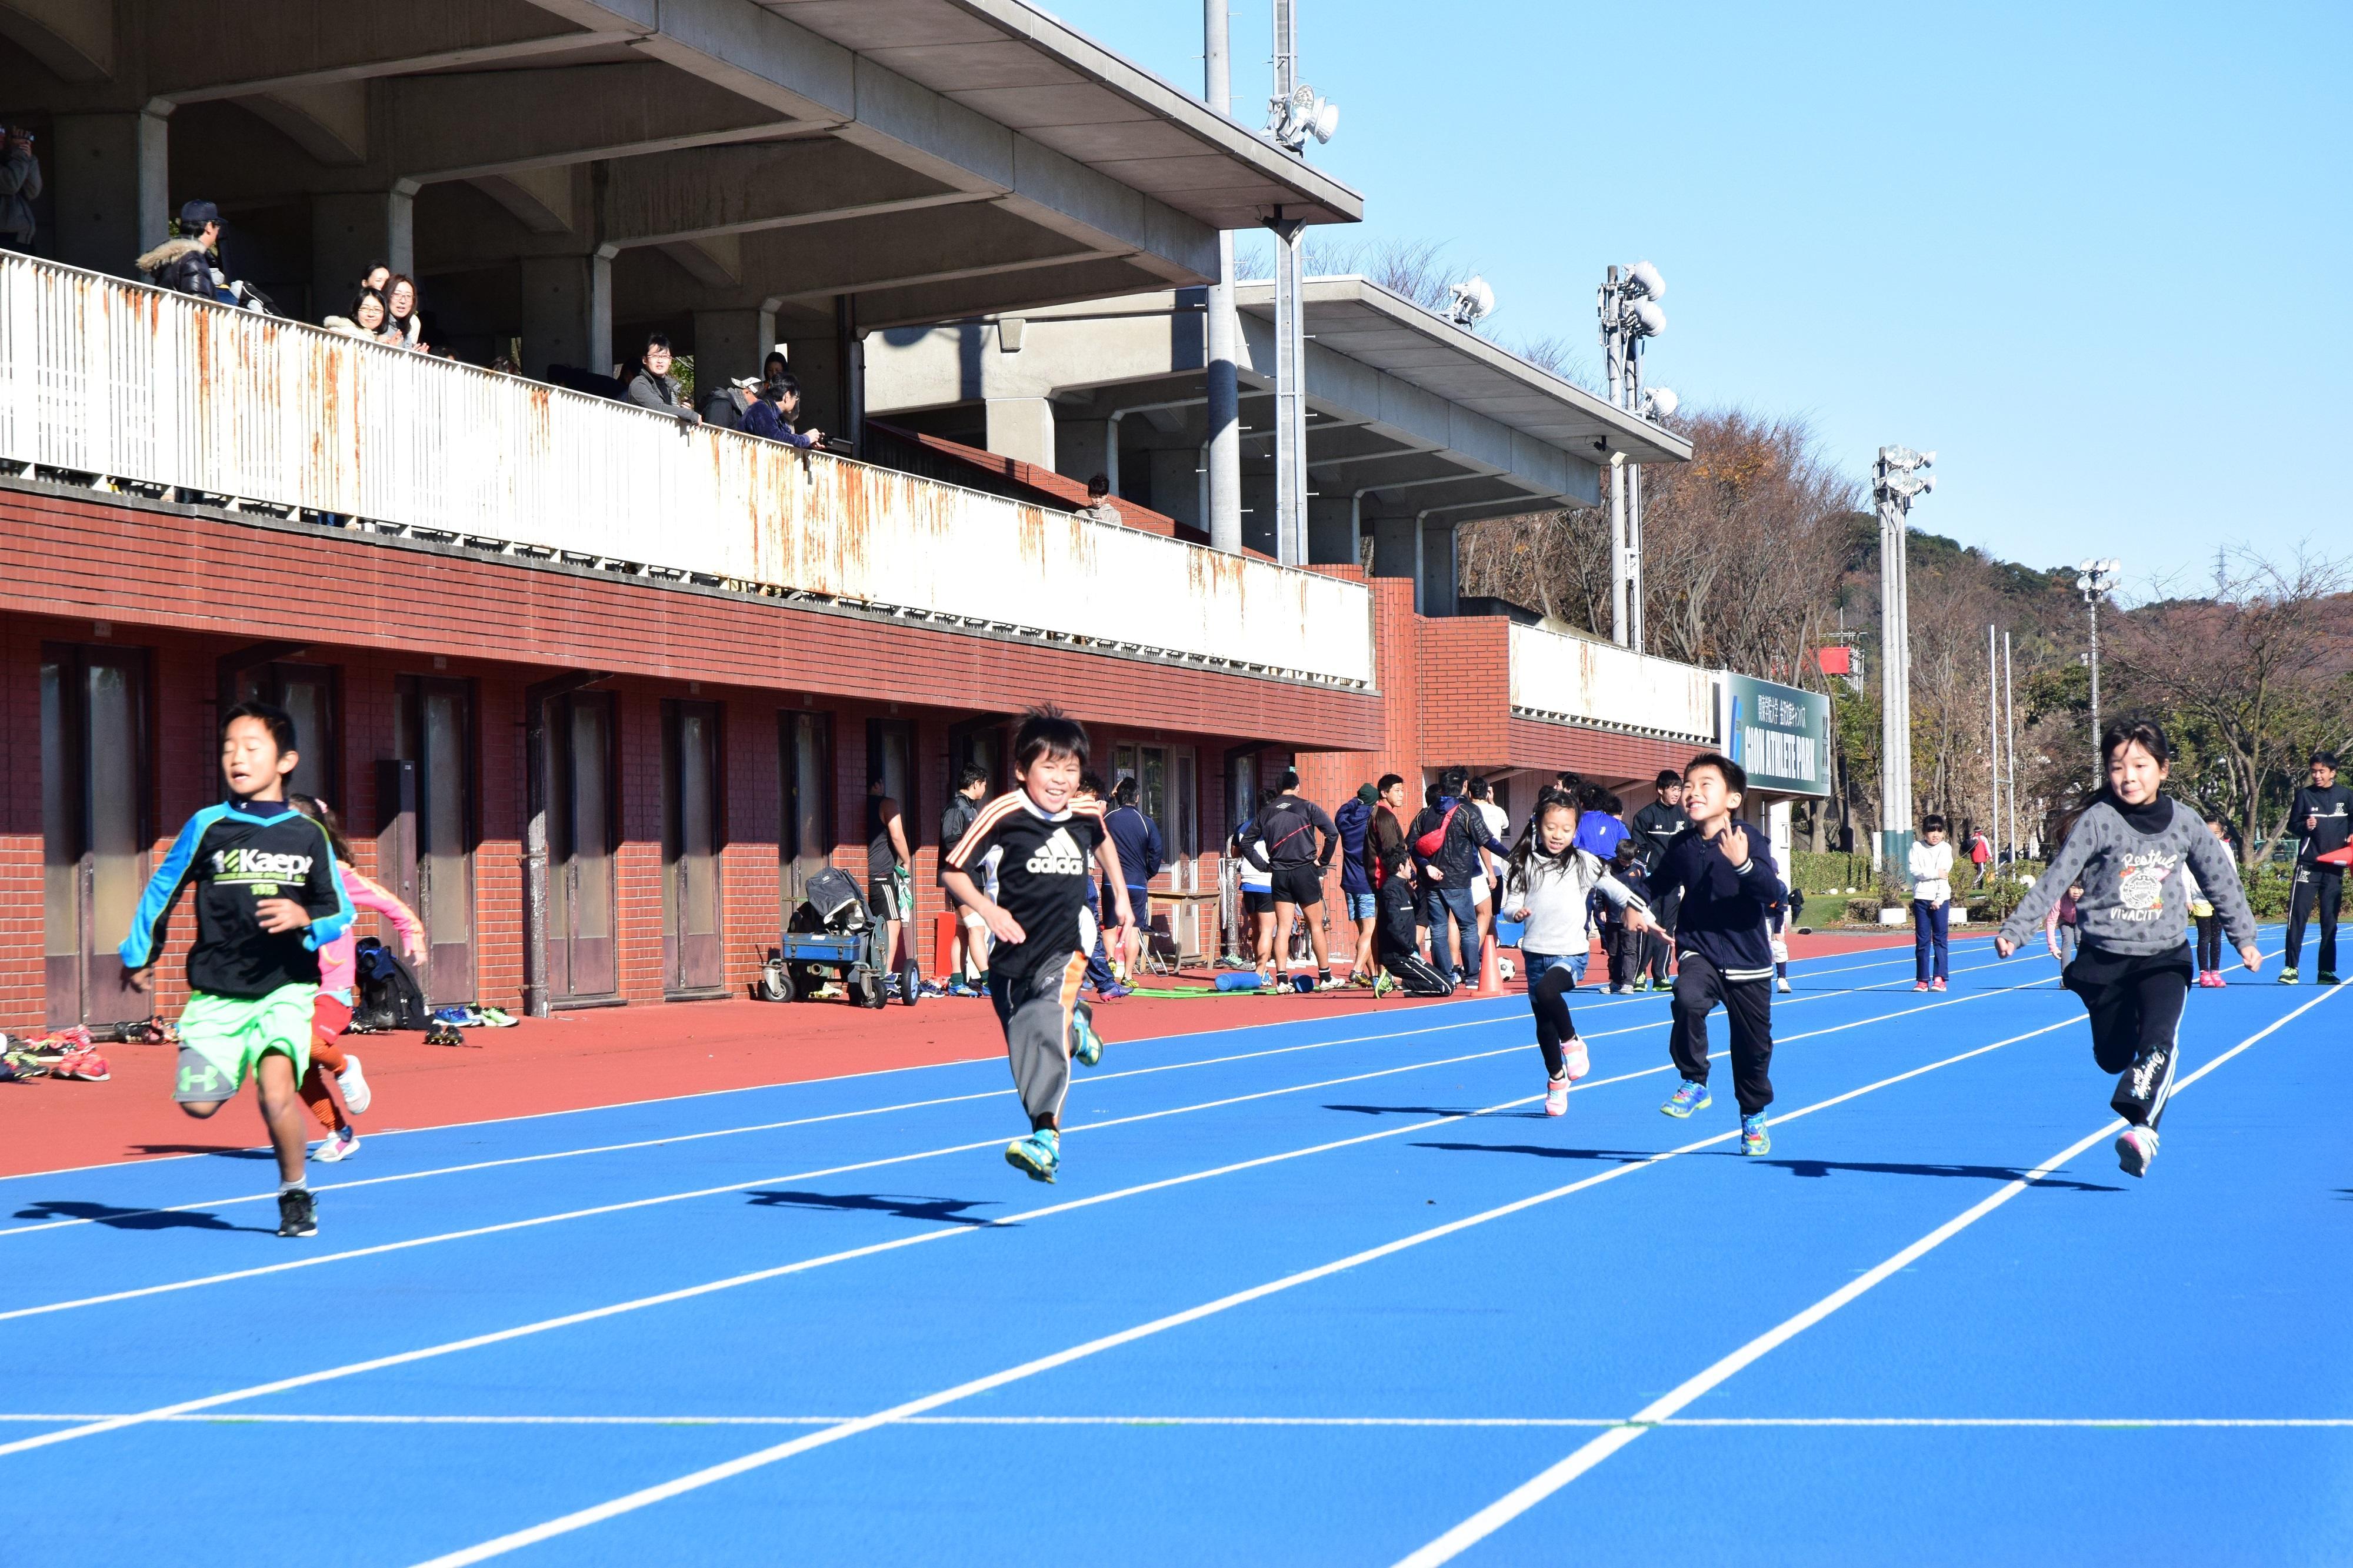 速く走り、長く走る基礎はここから!!12月7日、「走り方教室」を開催します。 -- 関東学院大学